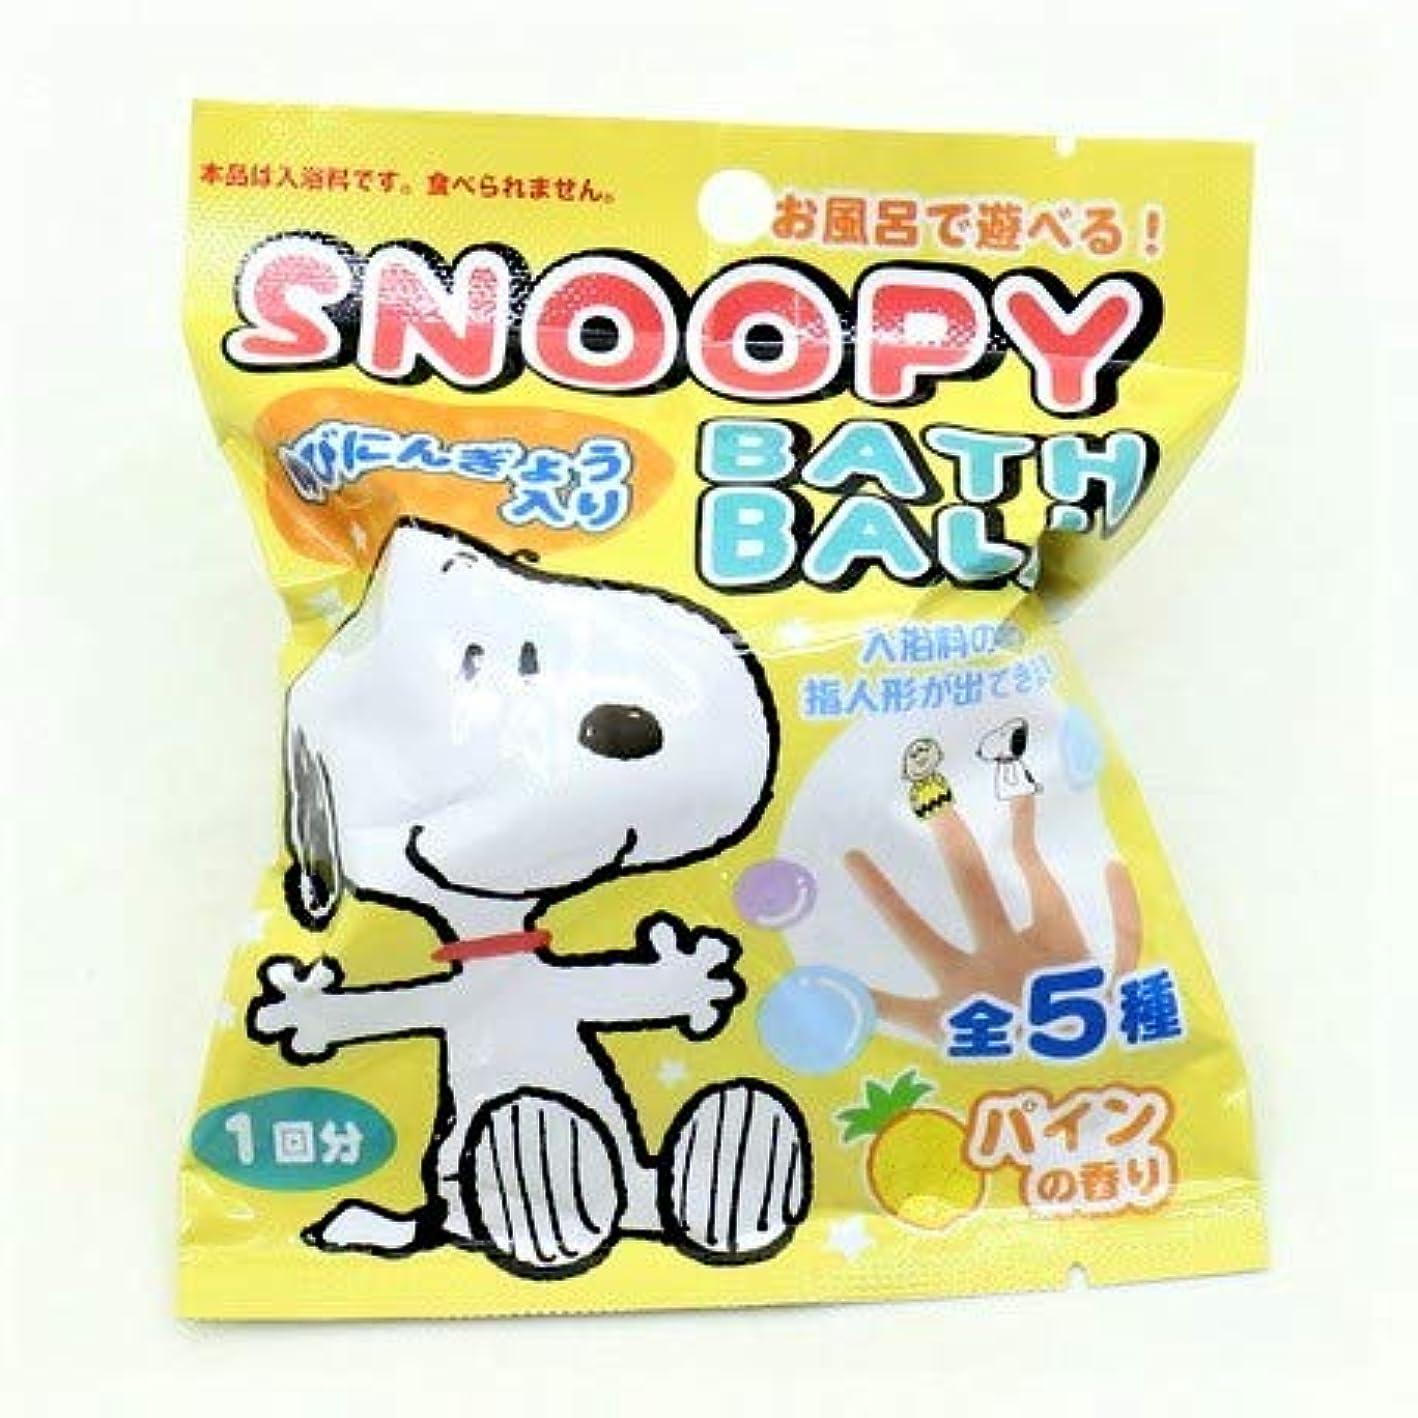 組腐敗したヒステリックスヌーピー バスボール 入浴剤 パインの香り 6個1セット 指人形 Snoopy